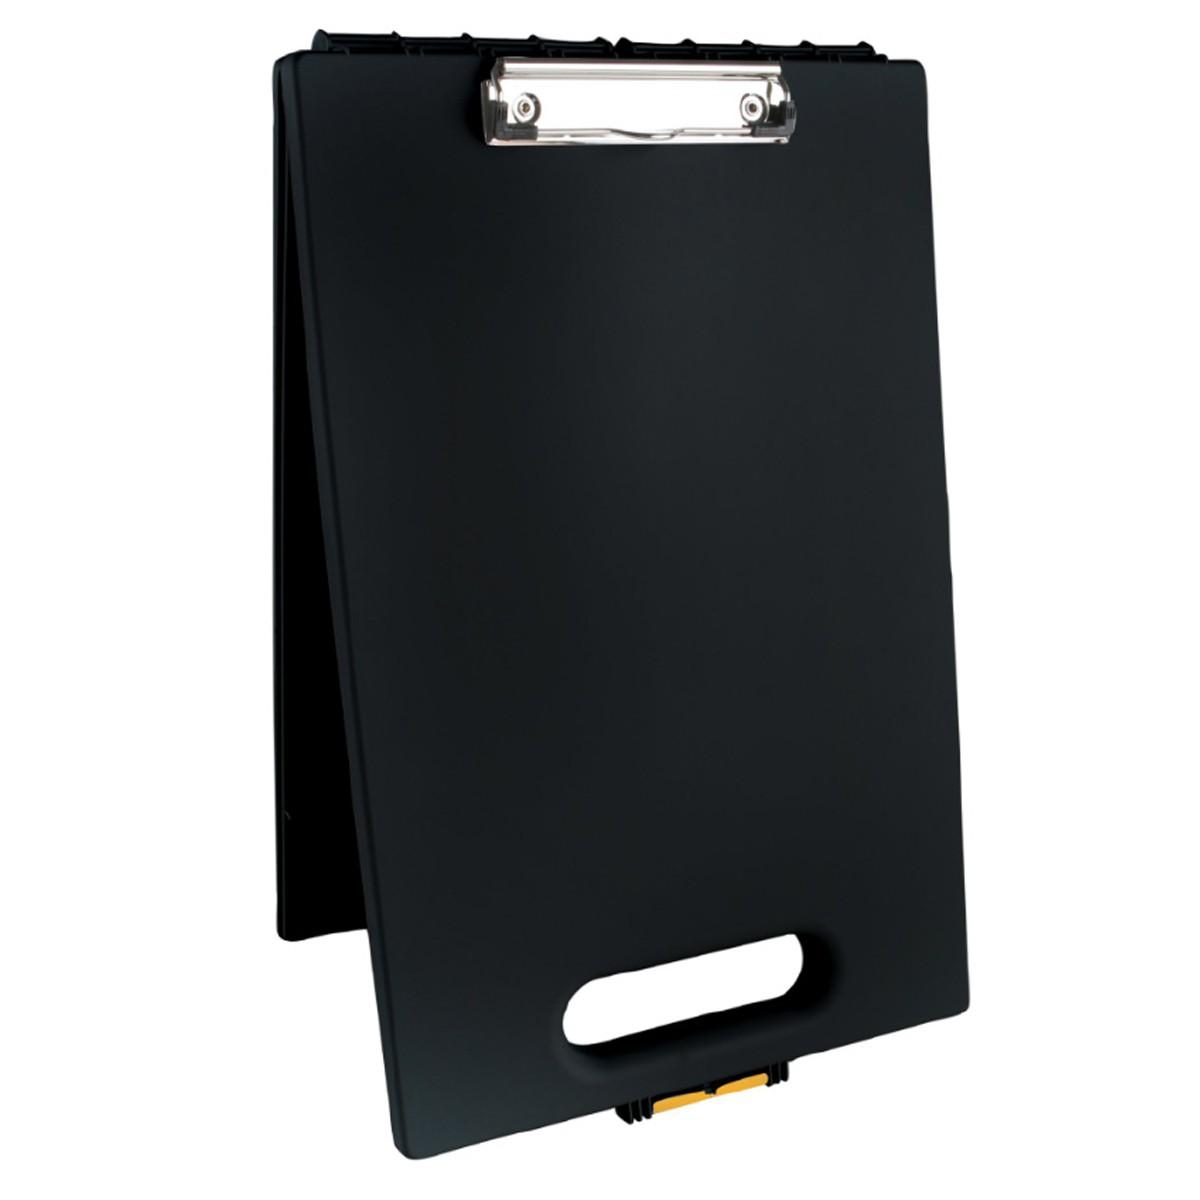 Porte documents rigide - Poignée